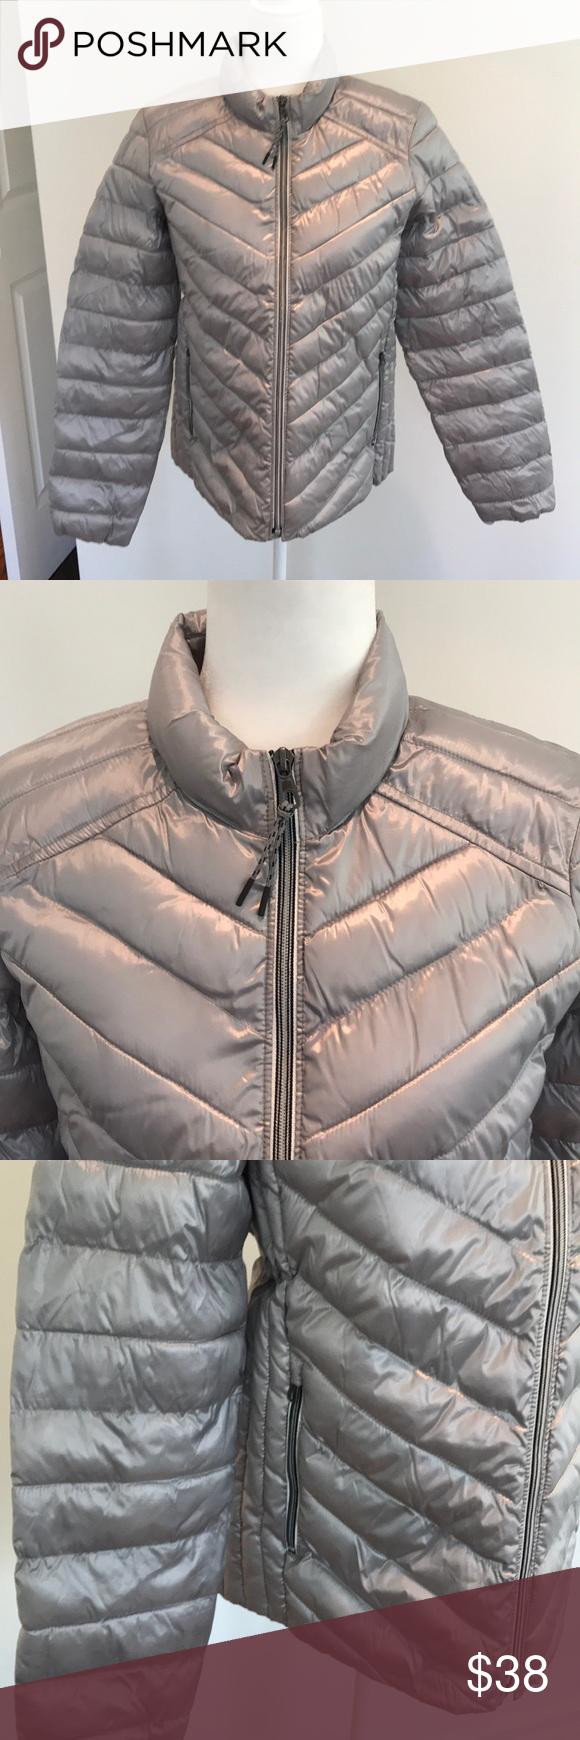 Gap Silver Lightweight Puffer Jacket Jackets Puffer Jackets Puffer [ 1740 x 580 Pixel ]